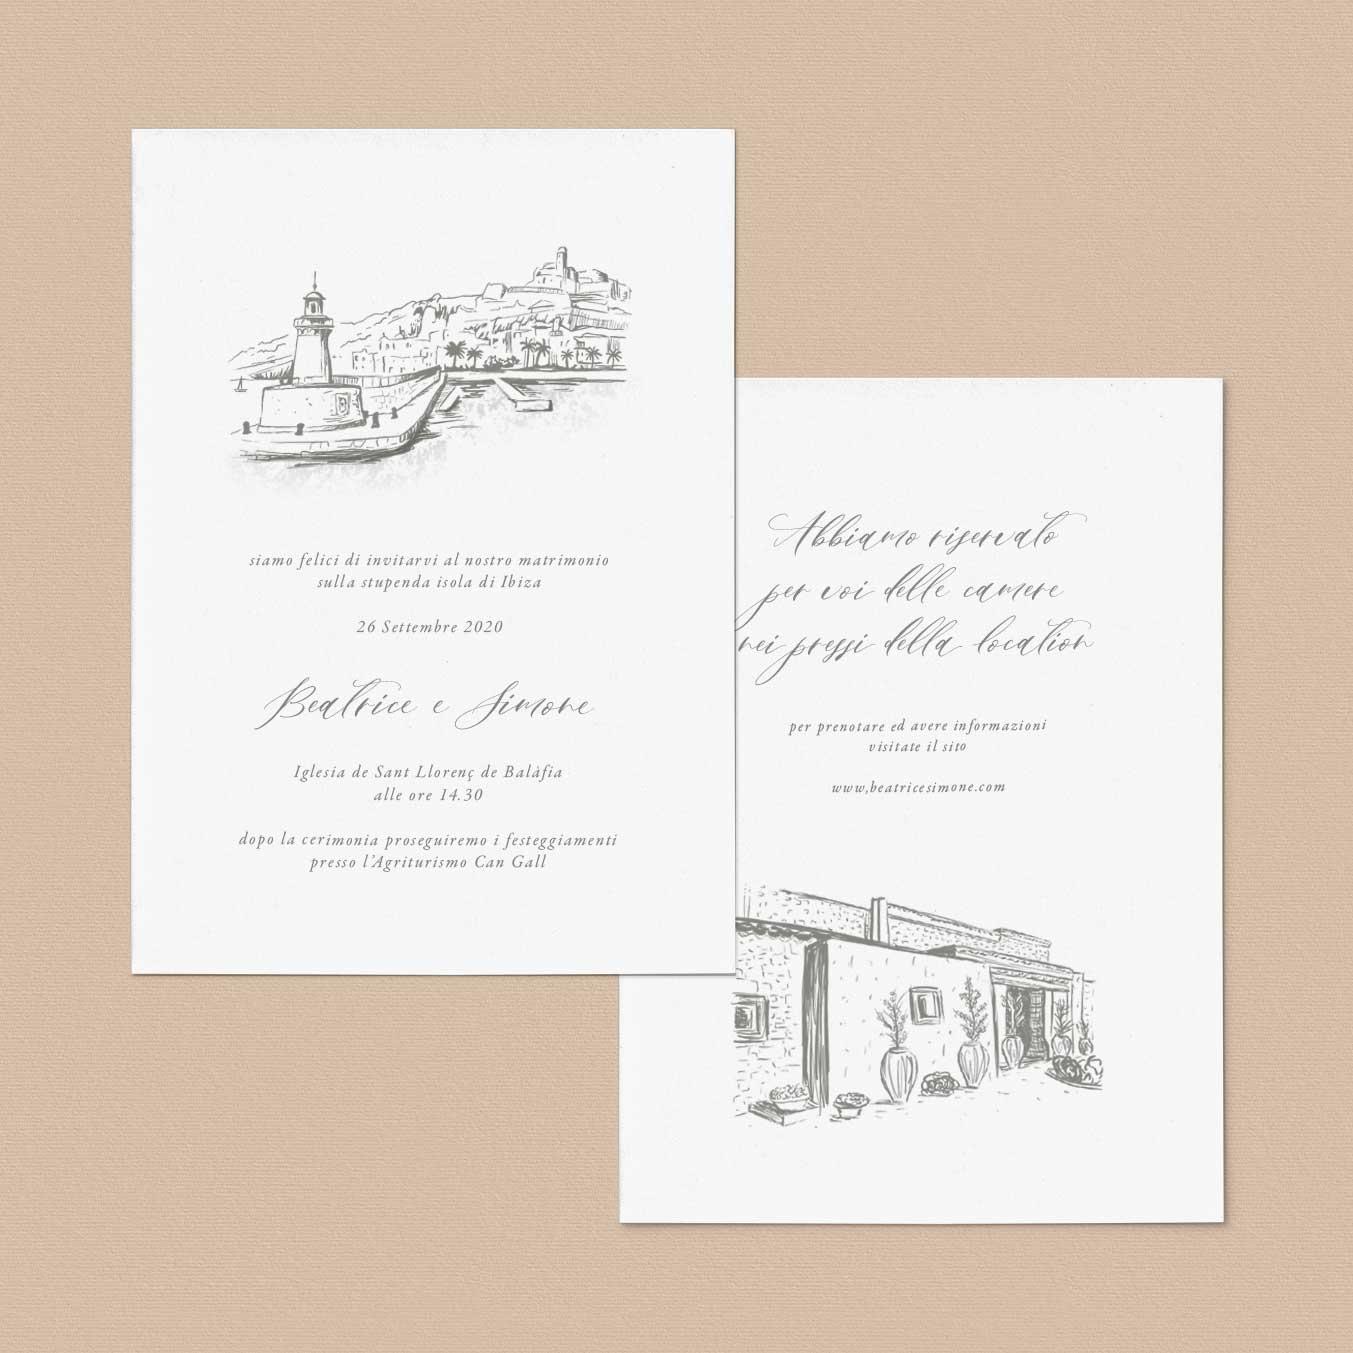 Partecipazioni-matrimonio-inviti-nozze-ibiza-mare-estate-estive-2020-illustrazione-location-chiesa-illustrato-disegno-personalizzato-personalizzate